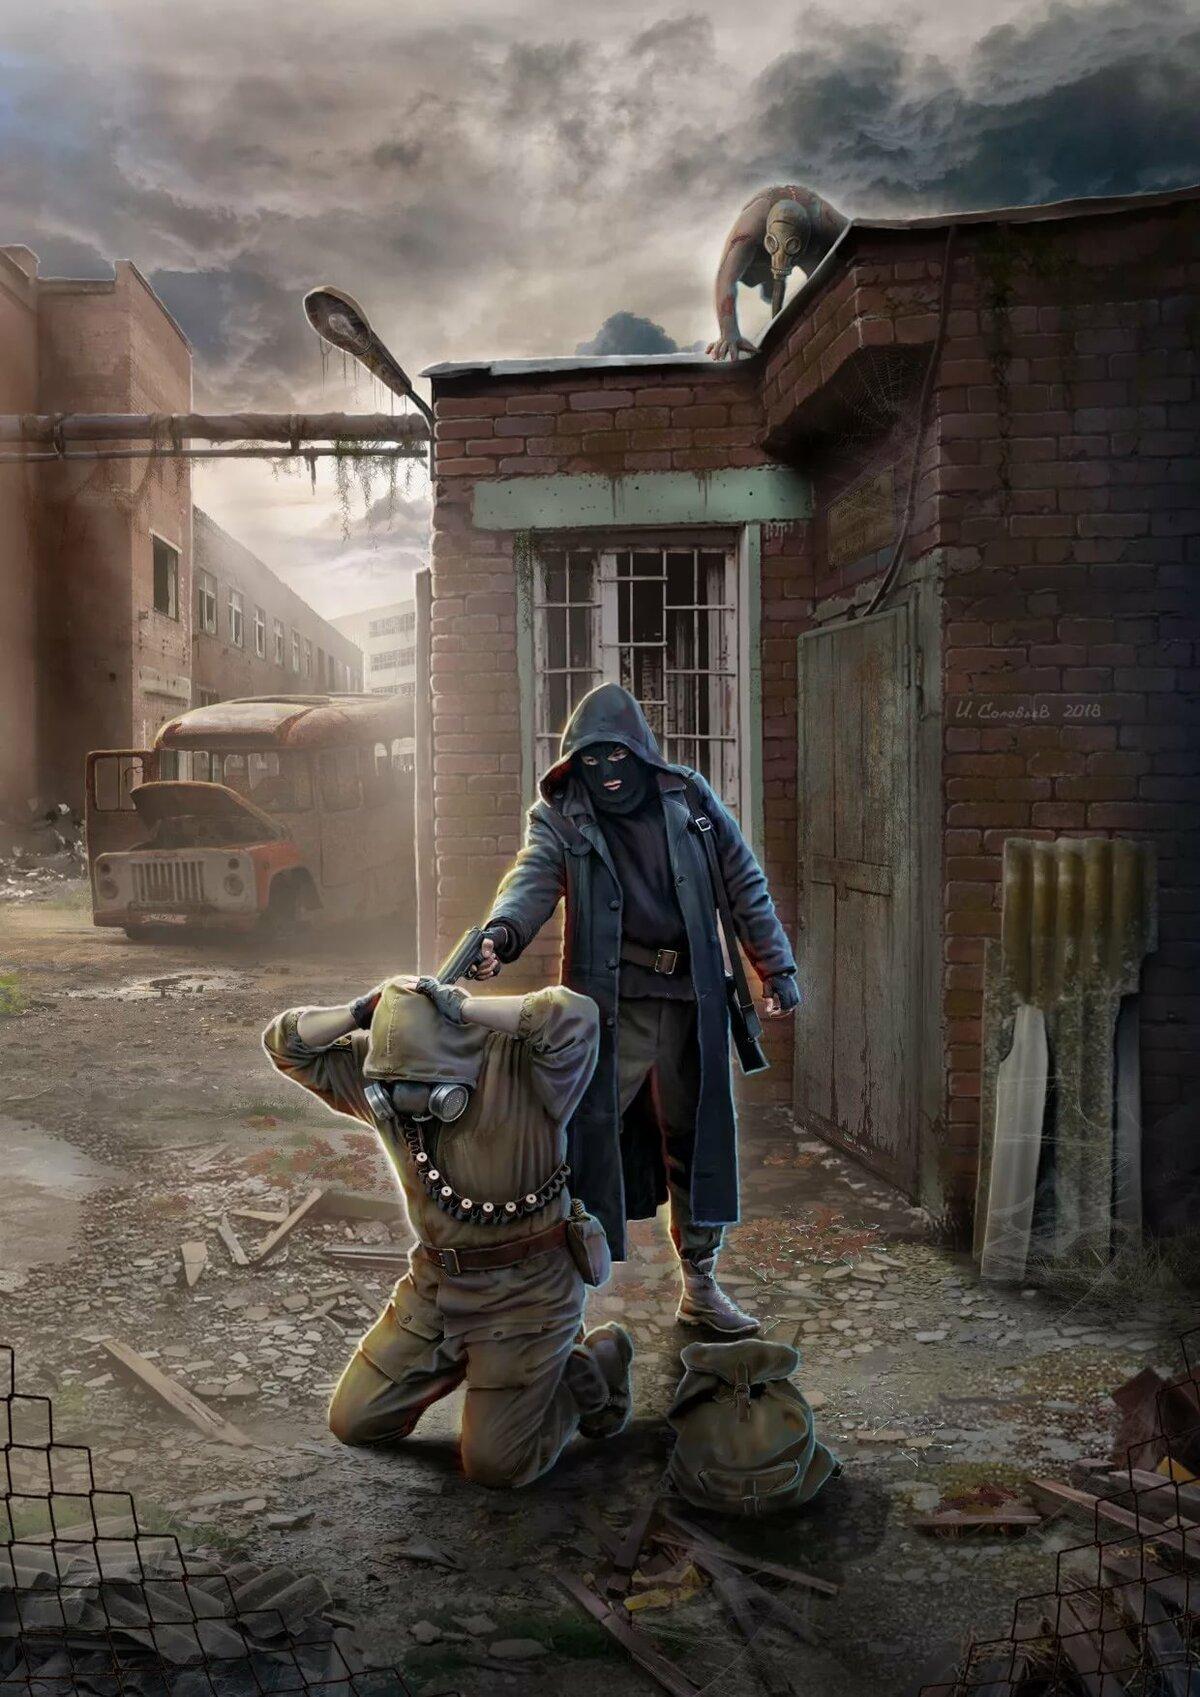 Арты апокалипсис бандиты